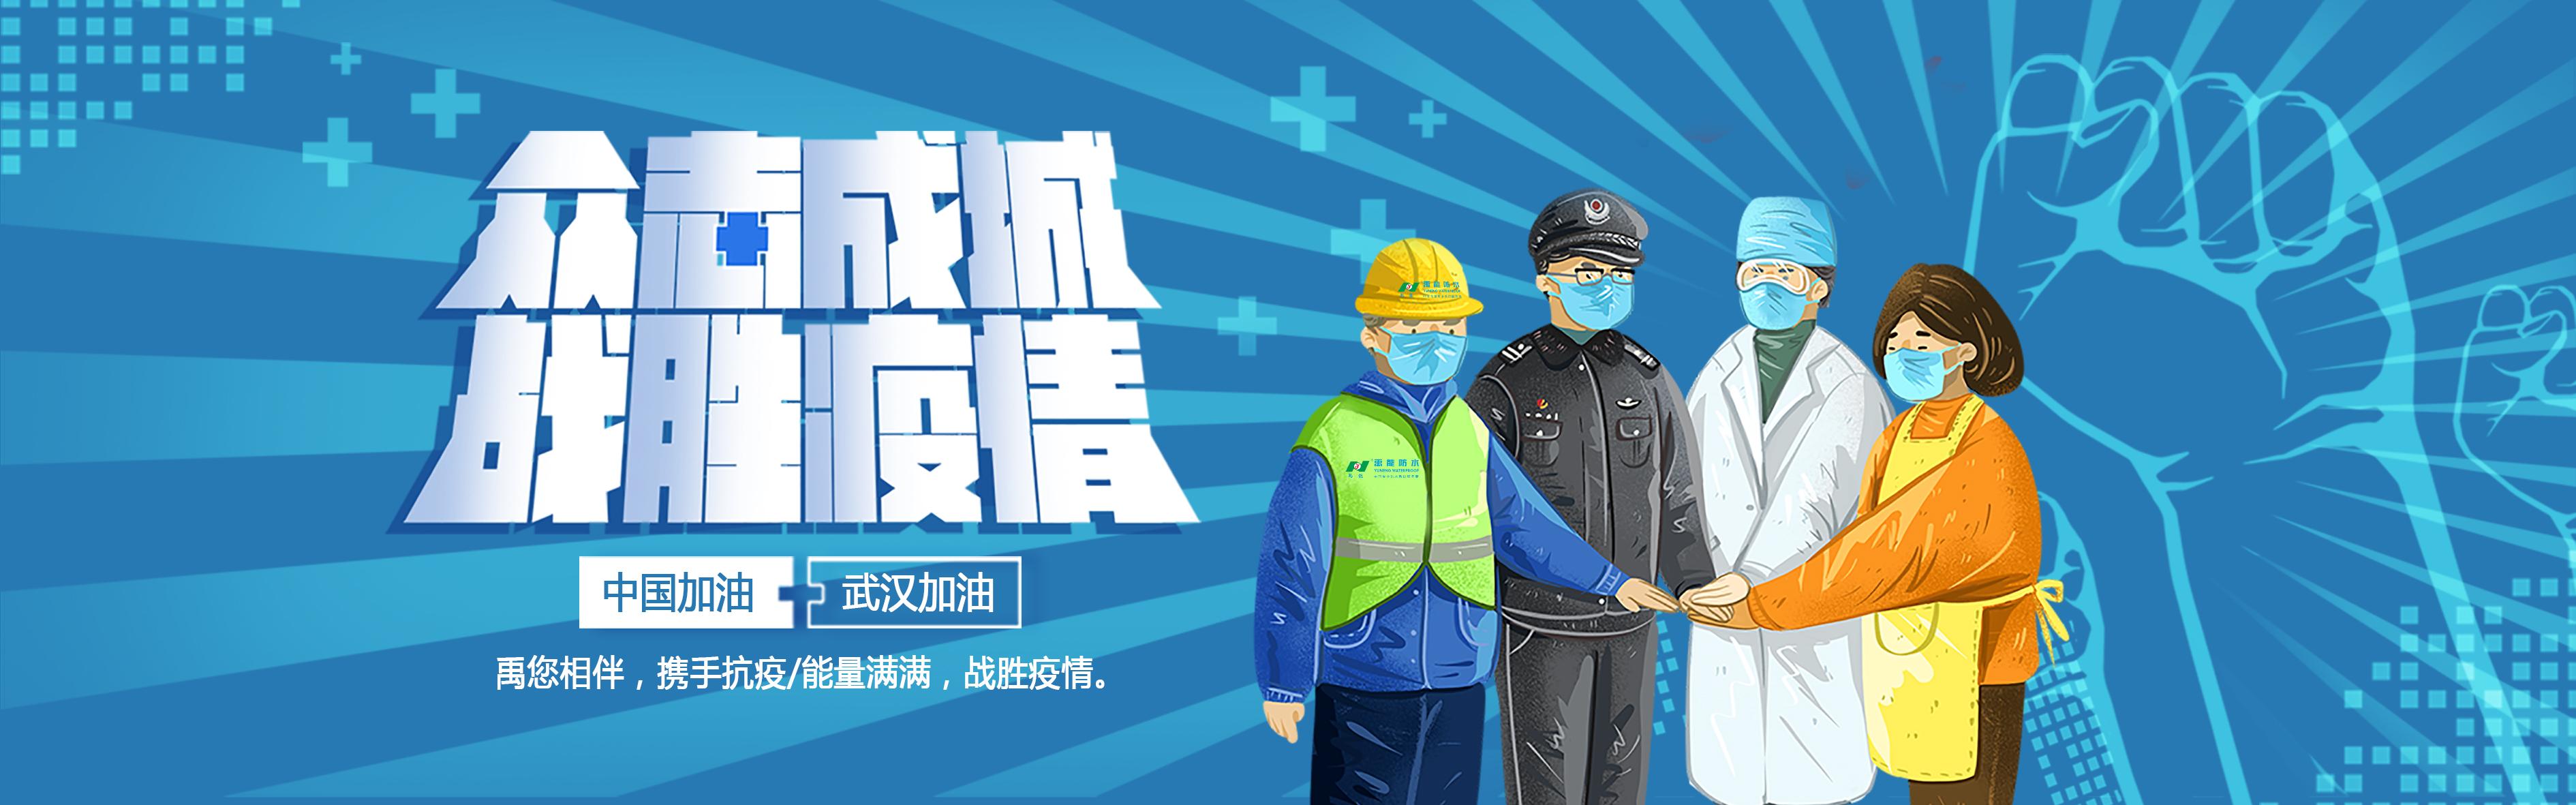 亚博电子娱乐防水企业宣传片